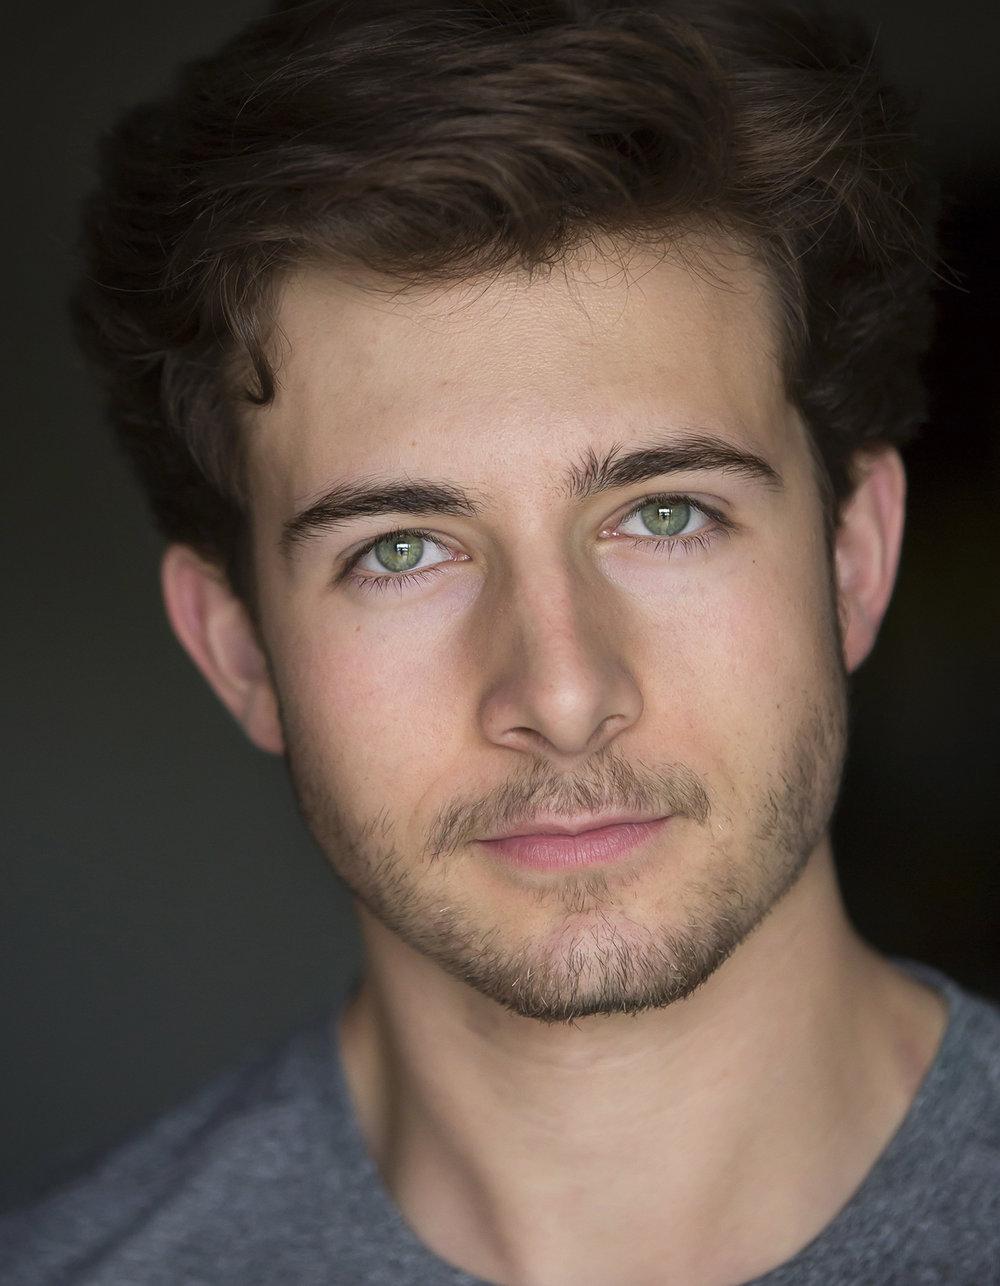 Teenage Male Actor Model Headshots in Denver with natural light photographer Jennifer Koskinen   Merritt Portrait Studio